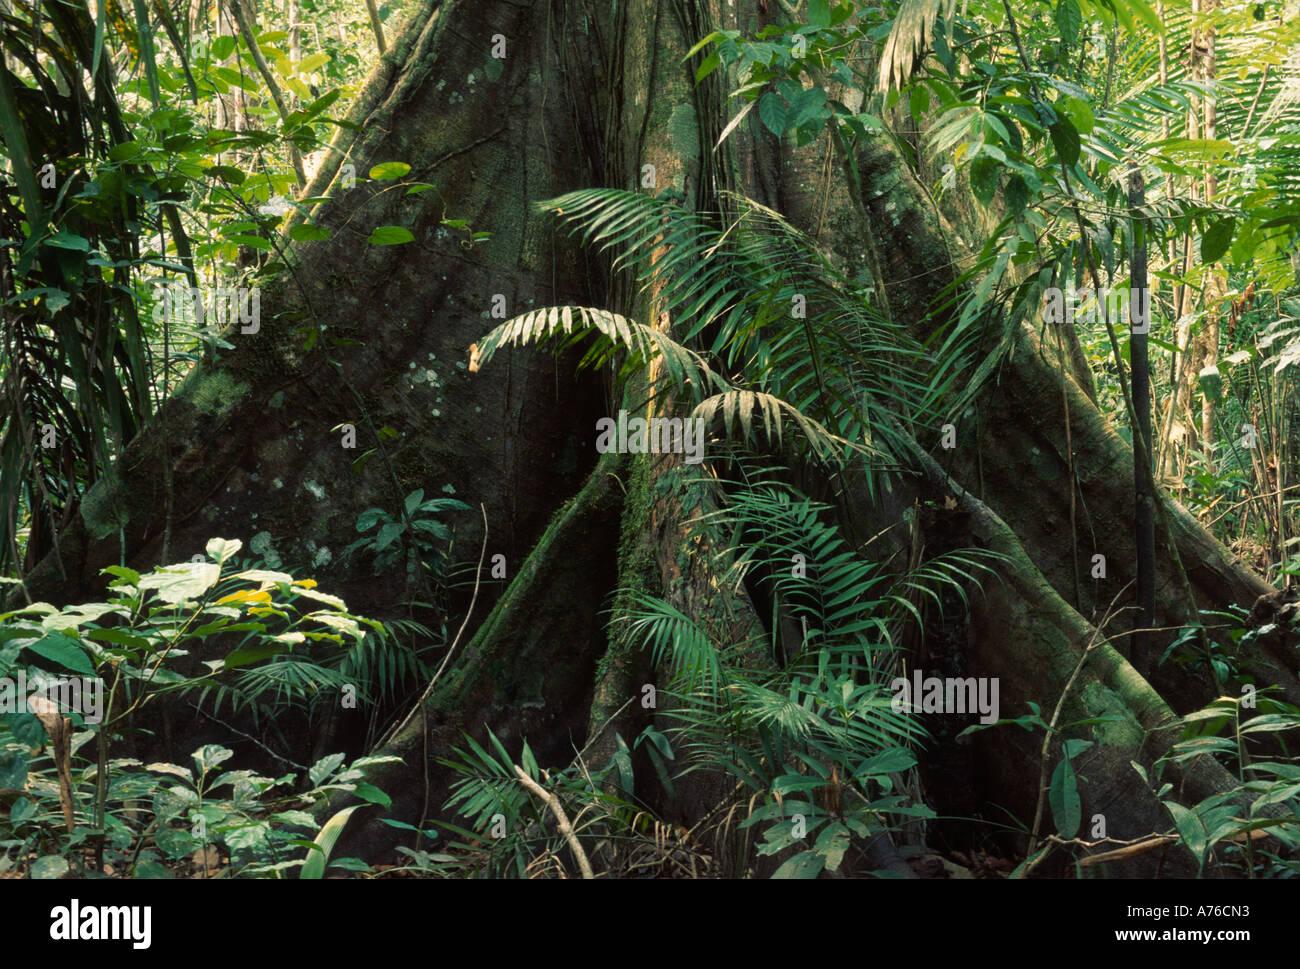 Sous-étage de la forêt amazonienne, l'arbre avec les racines contrefort Photo Stock